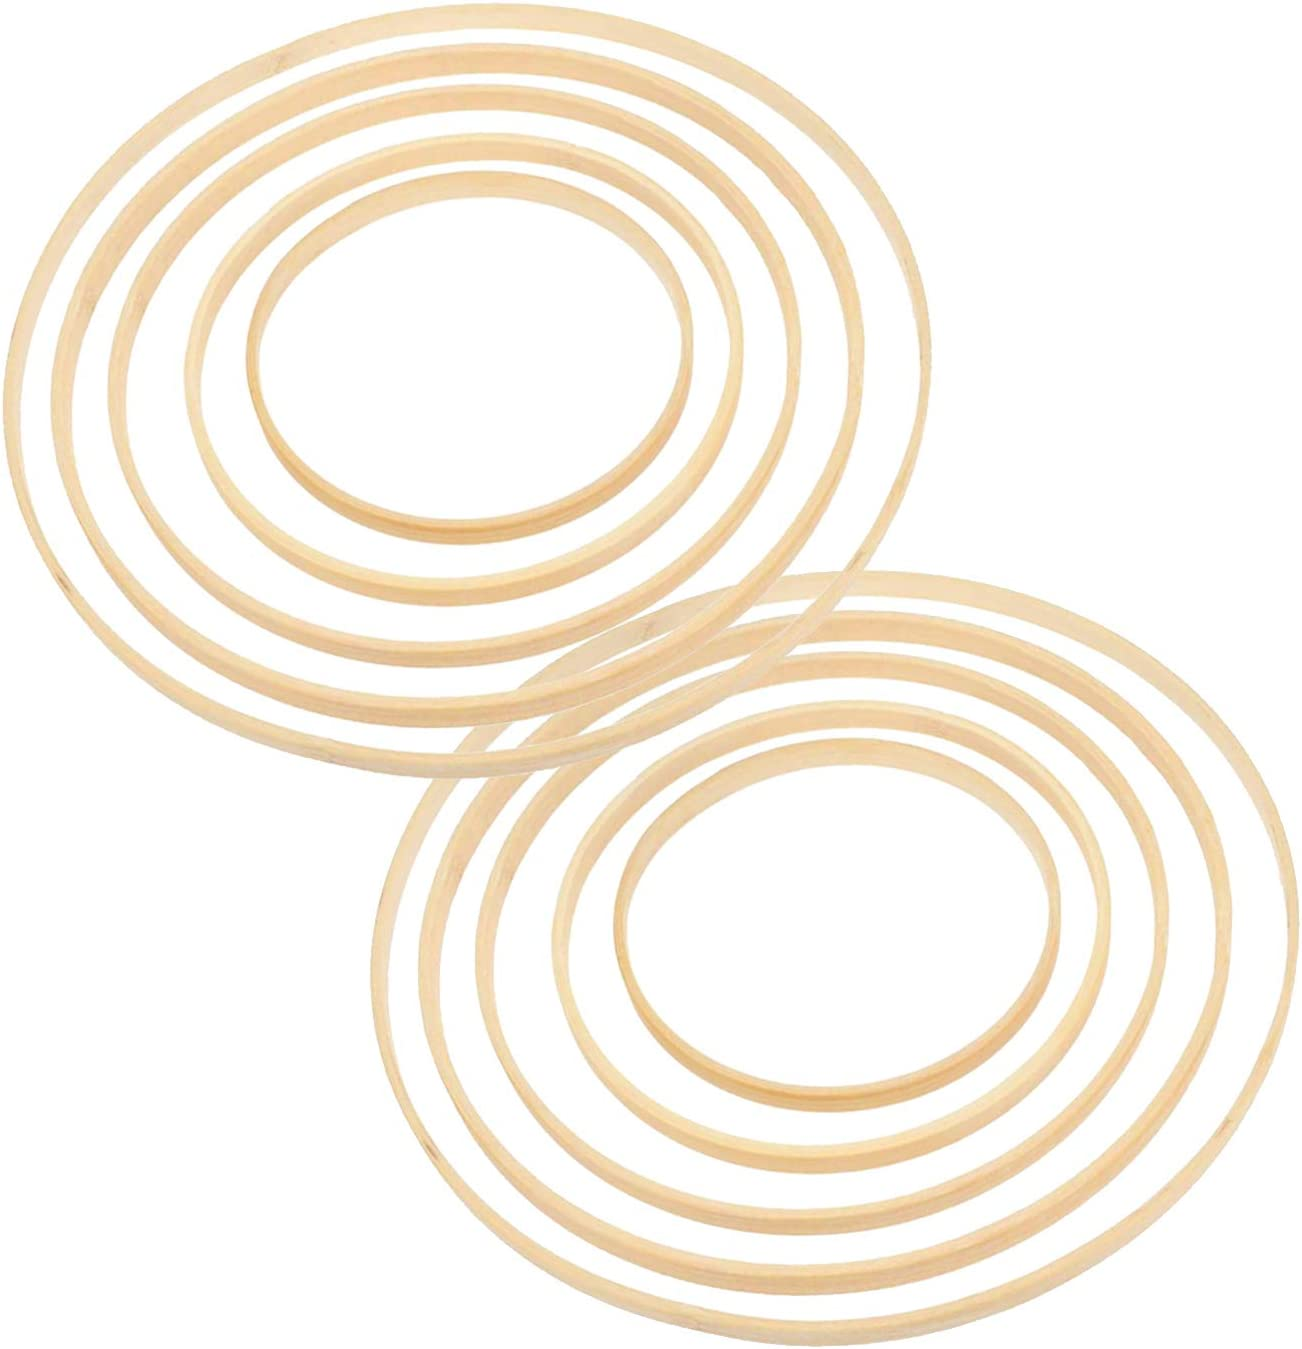 5 Gr/ö/ßen Hochzeitskranz Dekor und Wandbehang Handwerk TOCYORIC 10 St/ück Traumf/änger Holz Ringe Bambus Makramee Ring Rund Bambusringe Basteln f/ür DIY Weihnachtskranz Traumf/änger